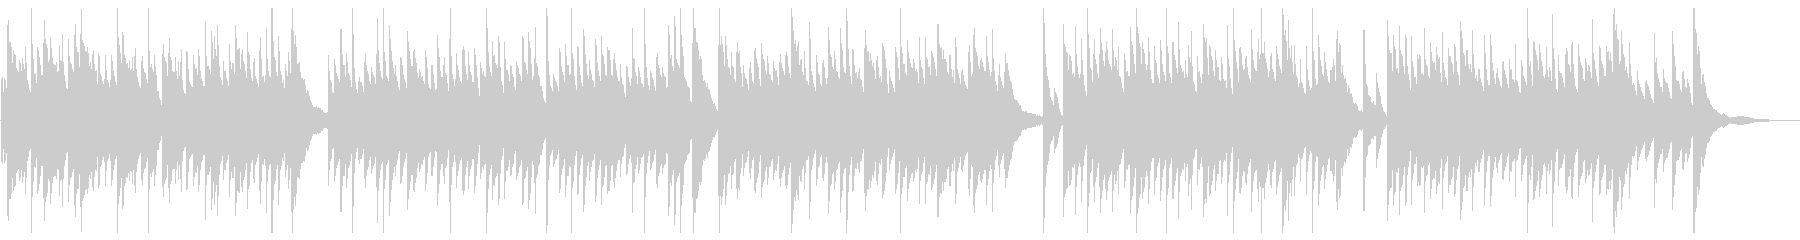 穏やかな午後のイメージのピアノソロの未再生の波形